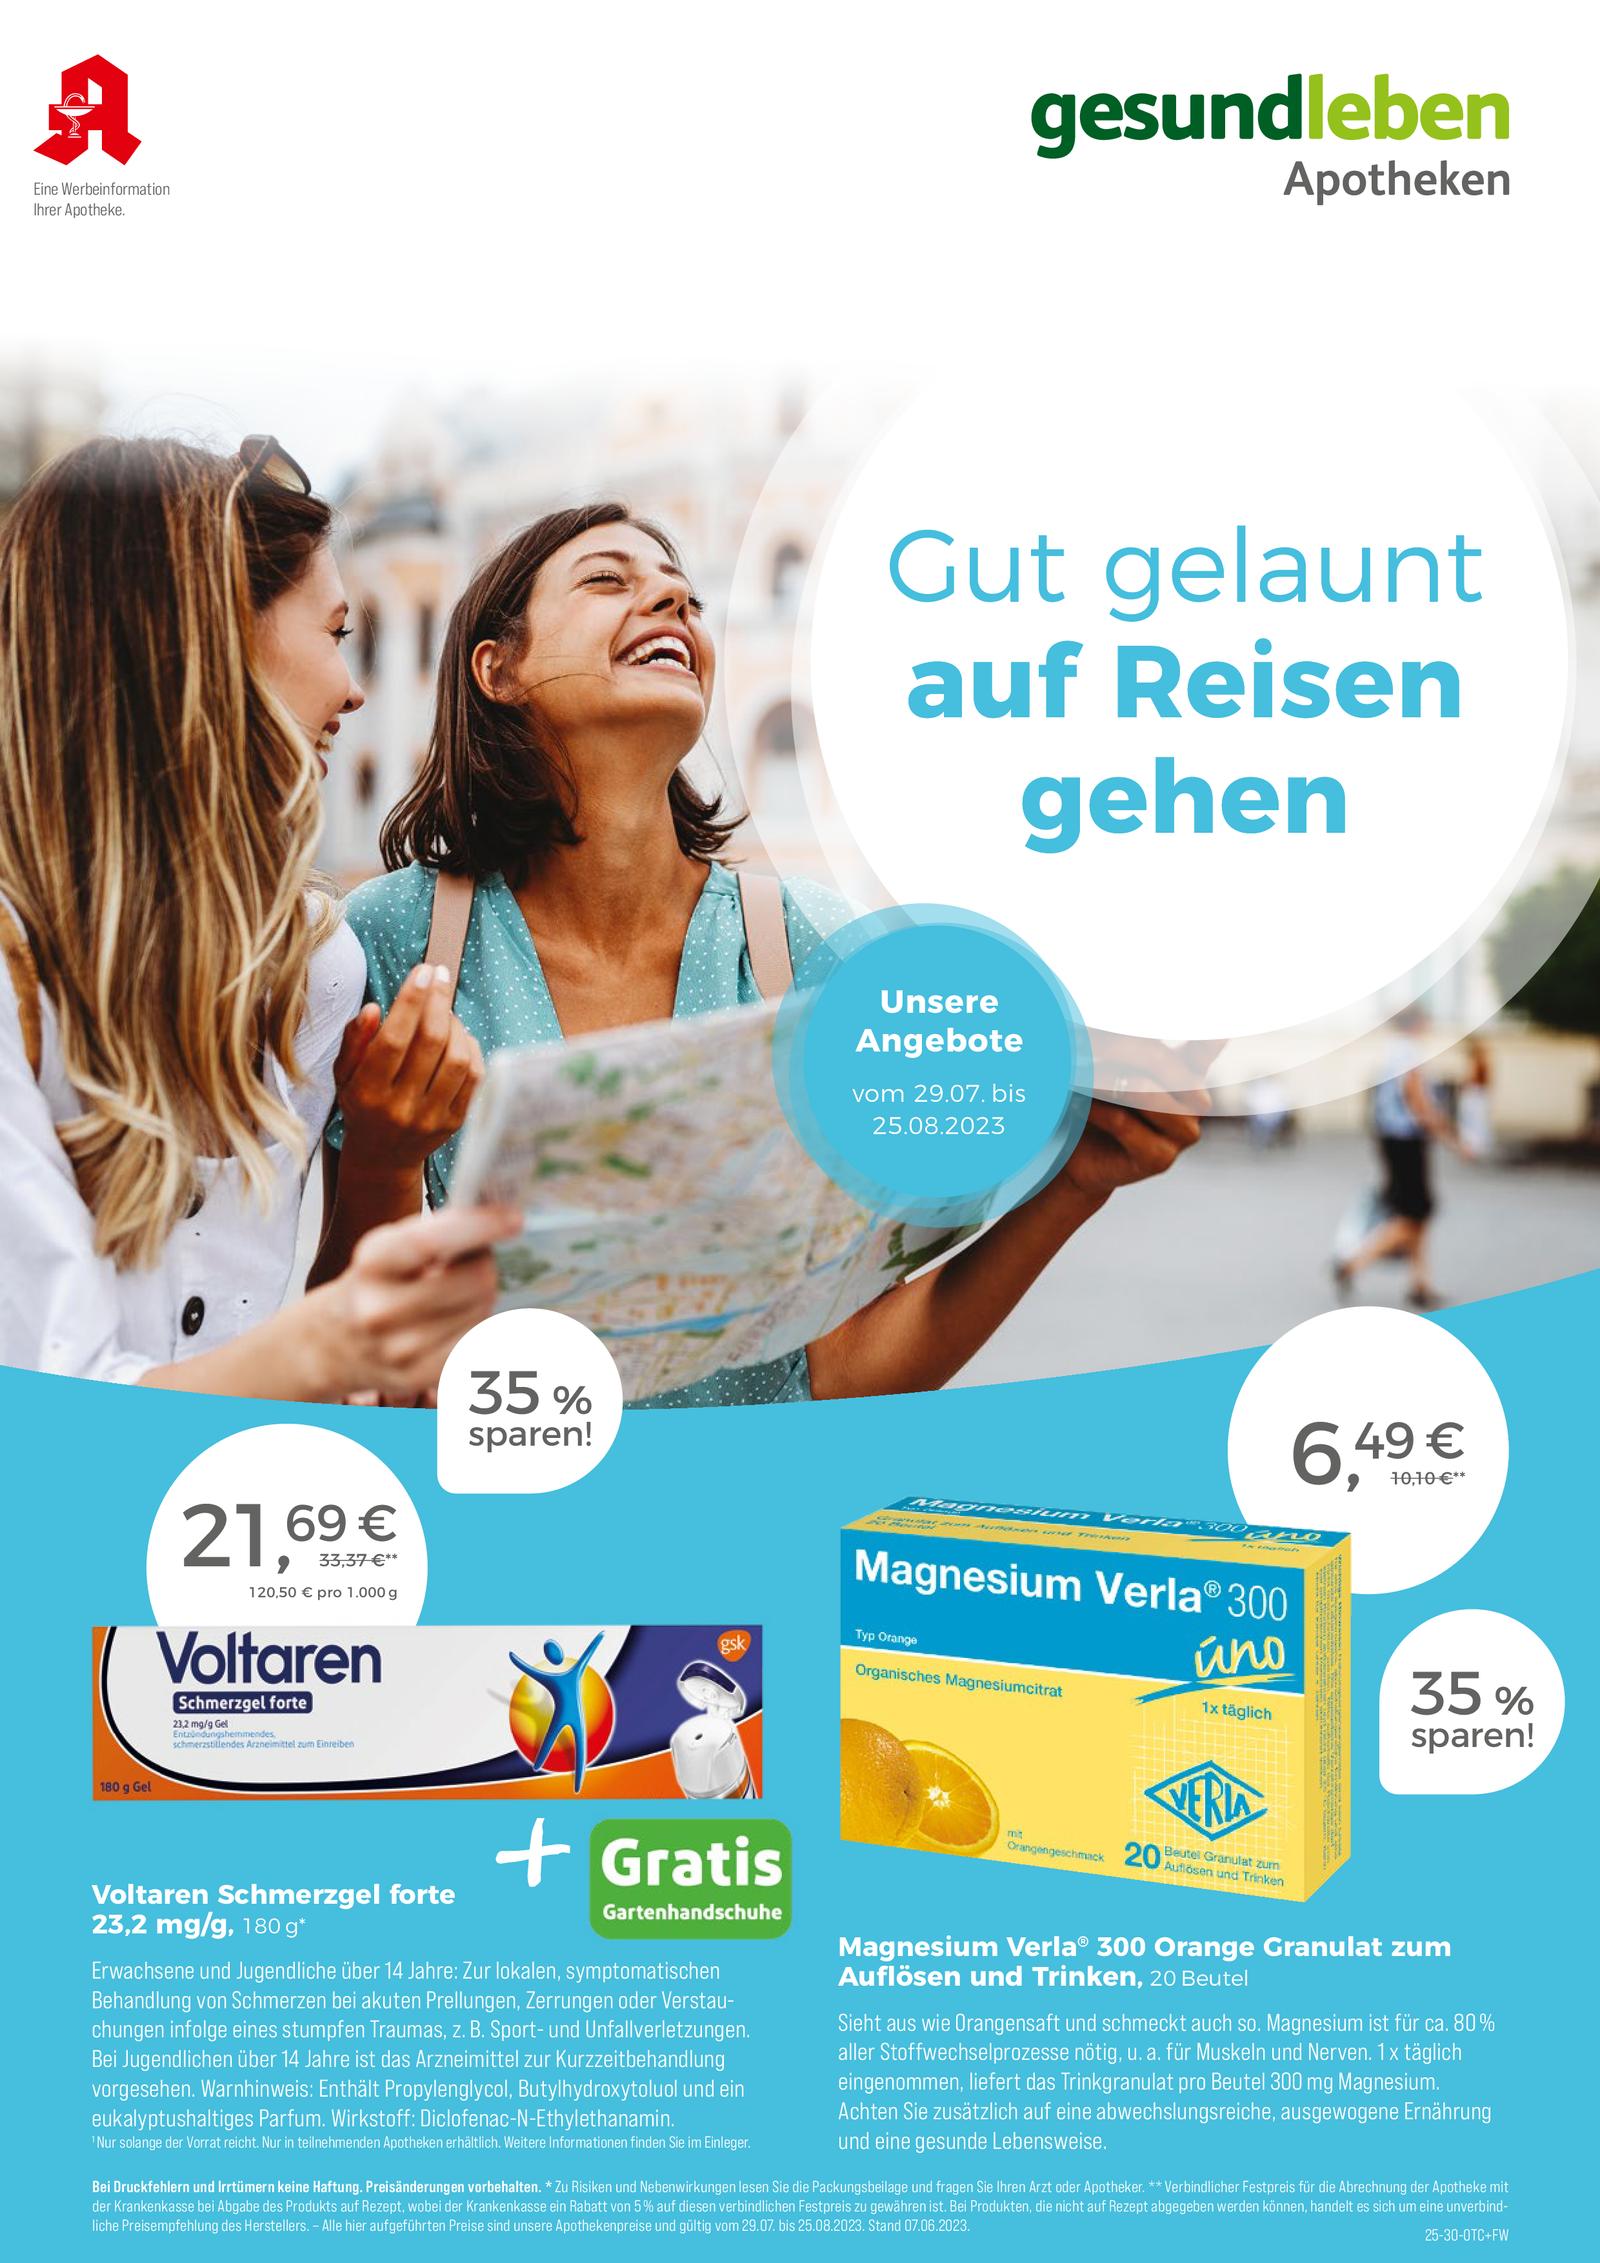 https://mein-uploads.apocdn.net/788/leaflets/gesundleben_hoch-Seite1.png